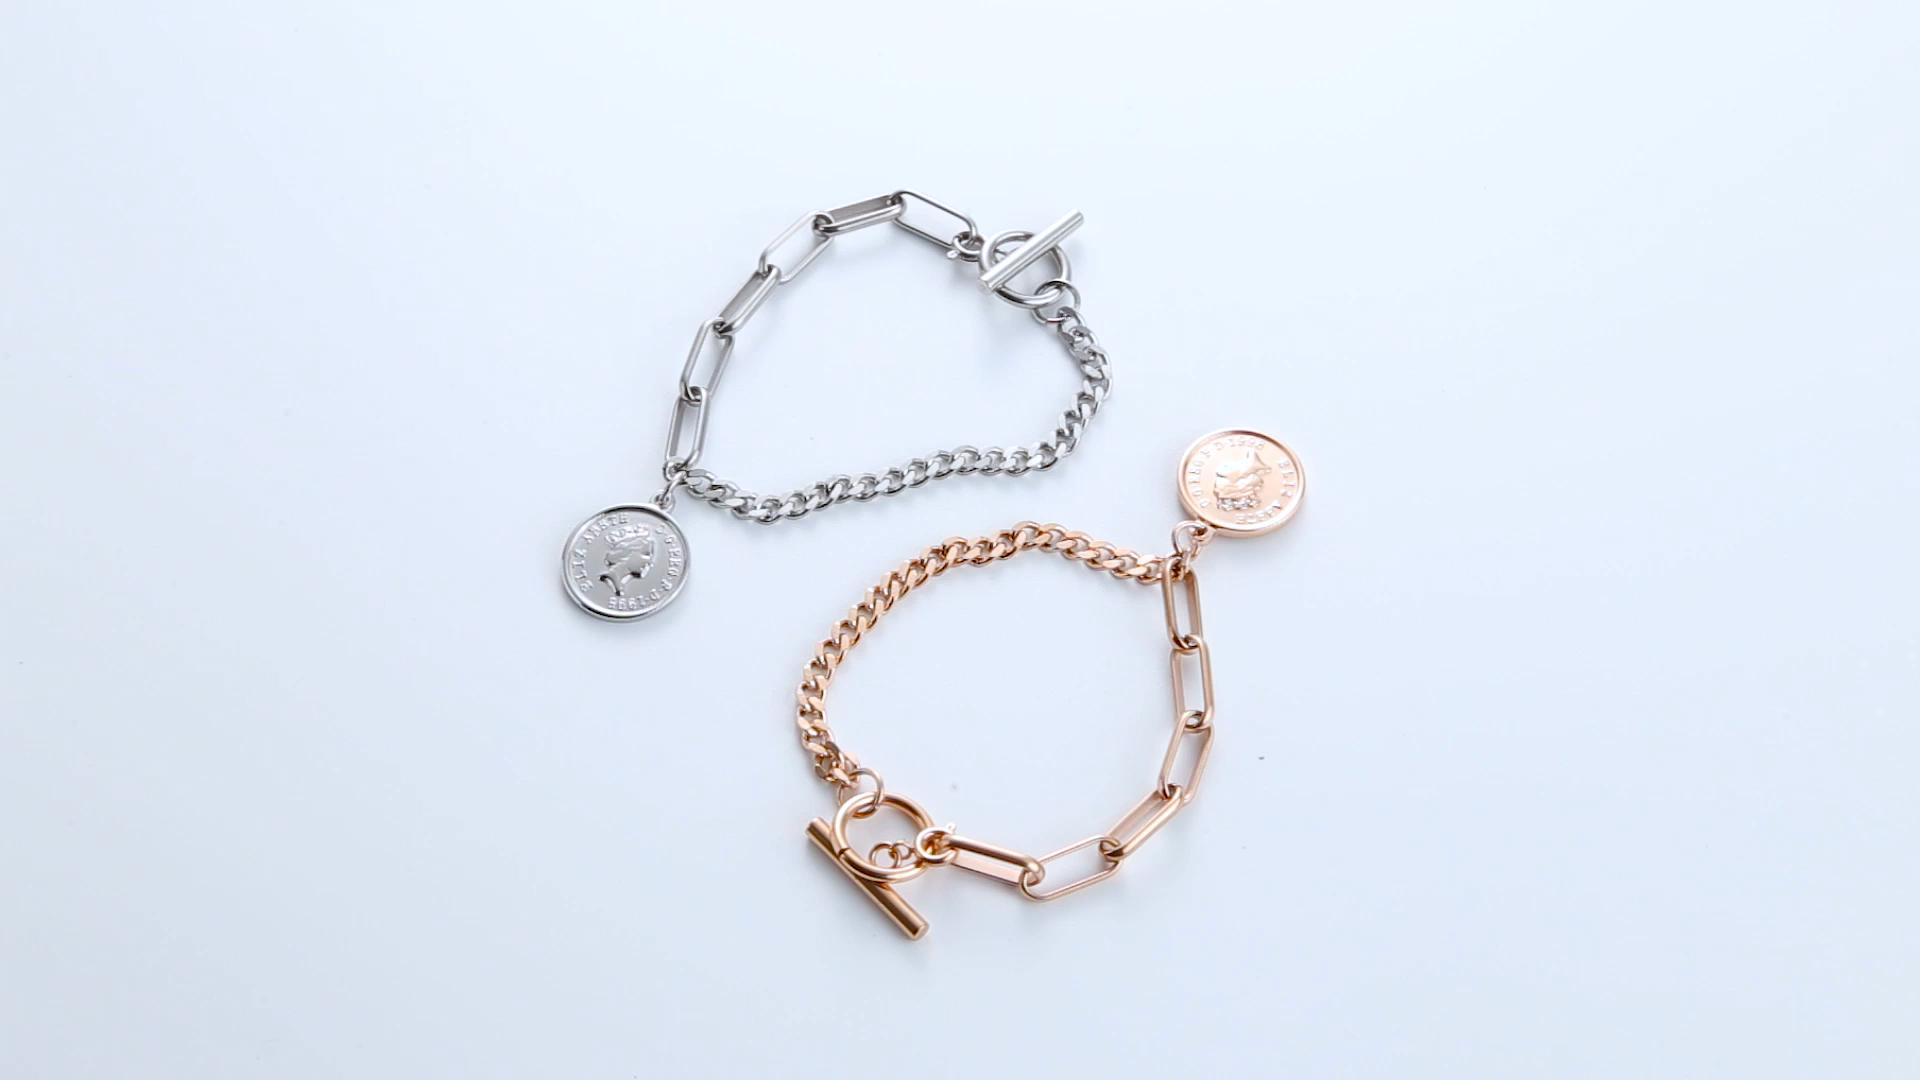 Bijoux En Or Rose Gravé 316L Bracelet En Acier Inoxydable Chaîne Bracelets Et Breloques